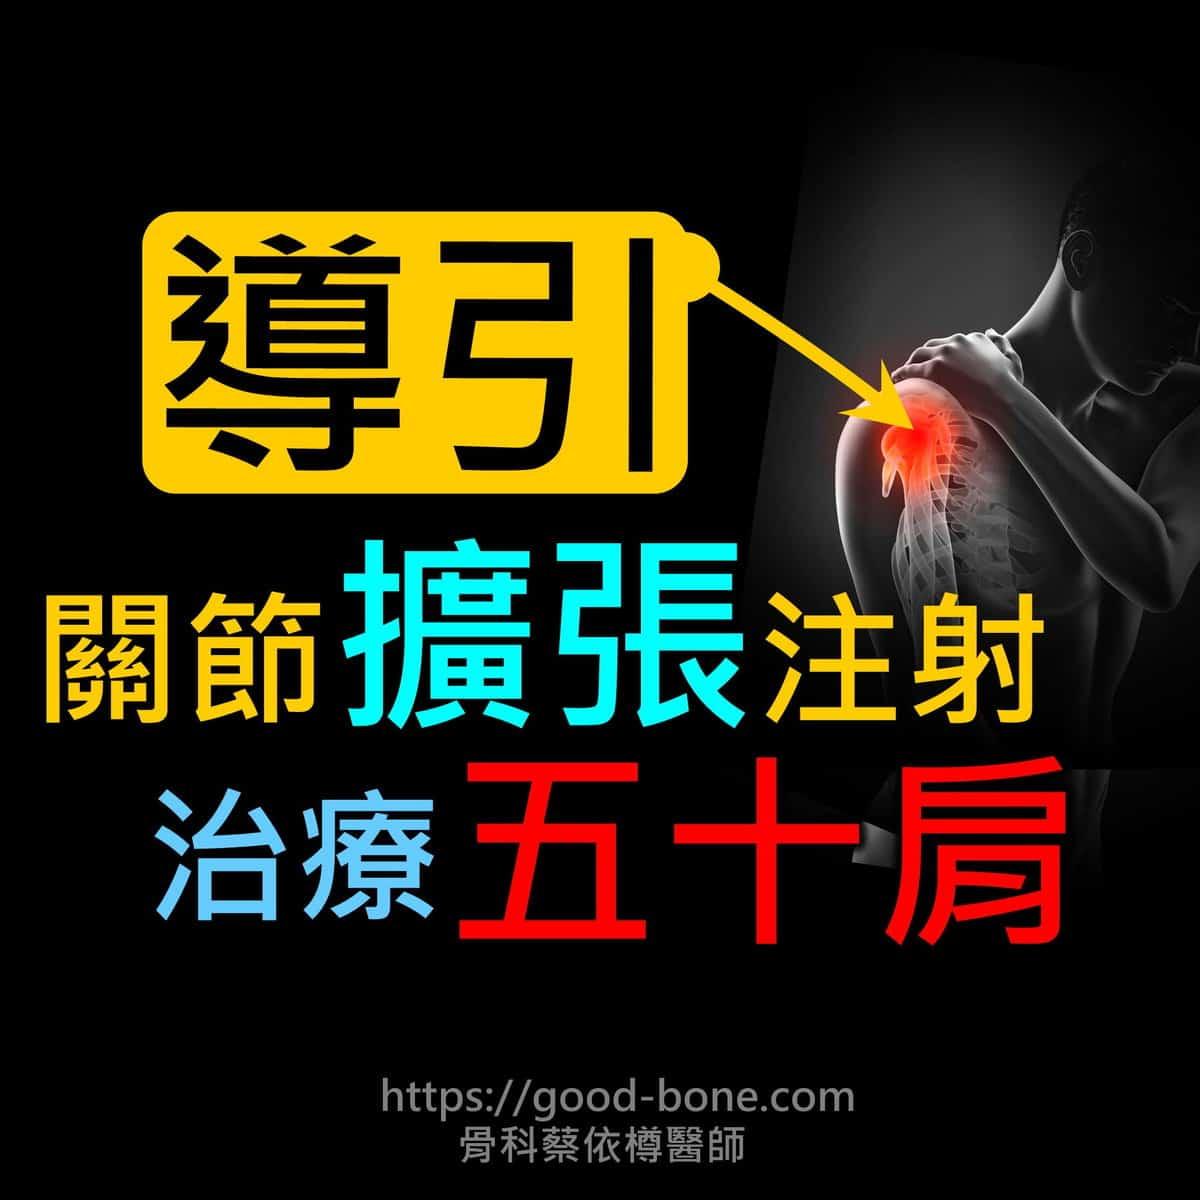 |超音波導引五十肩關節擴張注射治療。五十肩肩膀疼痛沾黏。PRP自體血小板。葡萄糖、增生注射療法|專業骨科推薦|台中骨科蔡依樽醫師https://good-bone.com